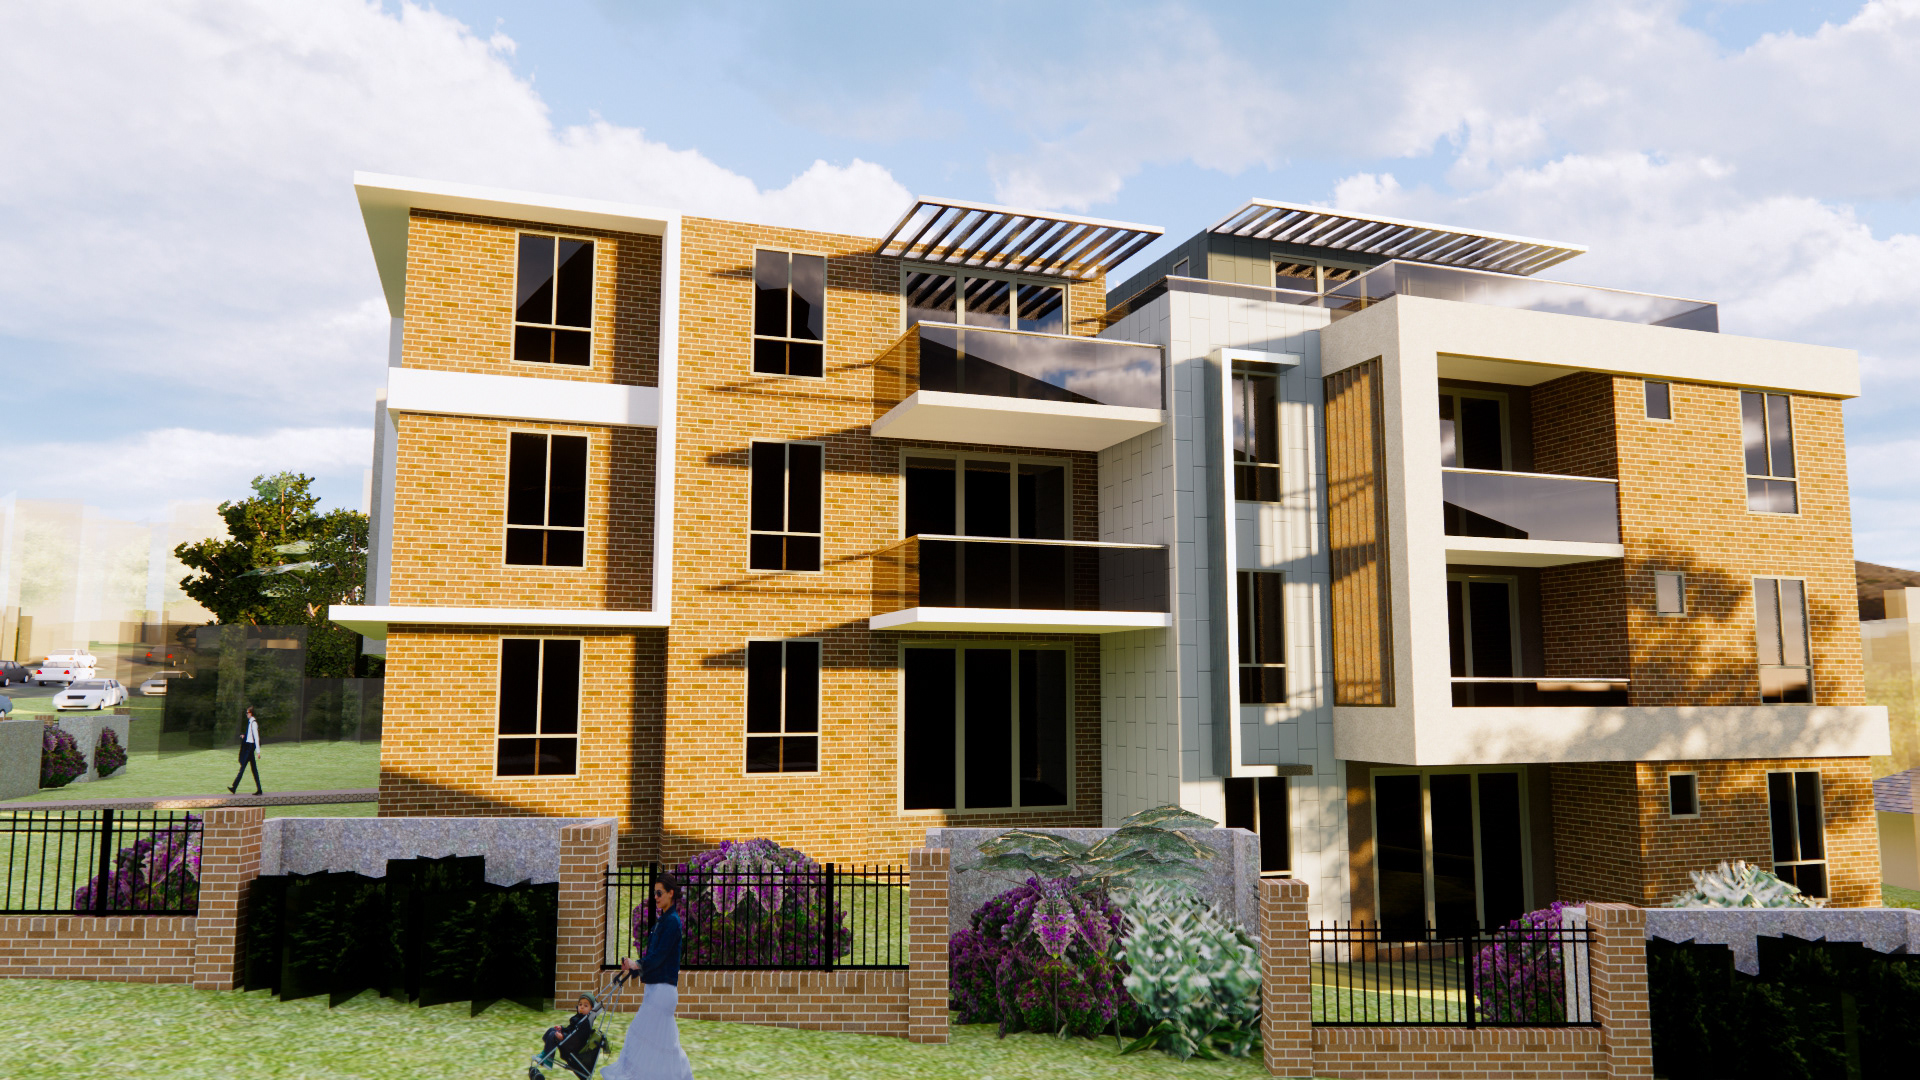 واجهات عمارات سكنية صغيرة from pro2-bar-s3-cdn-cf5.myportfolio.com